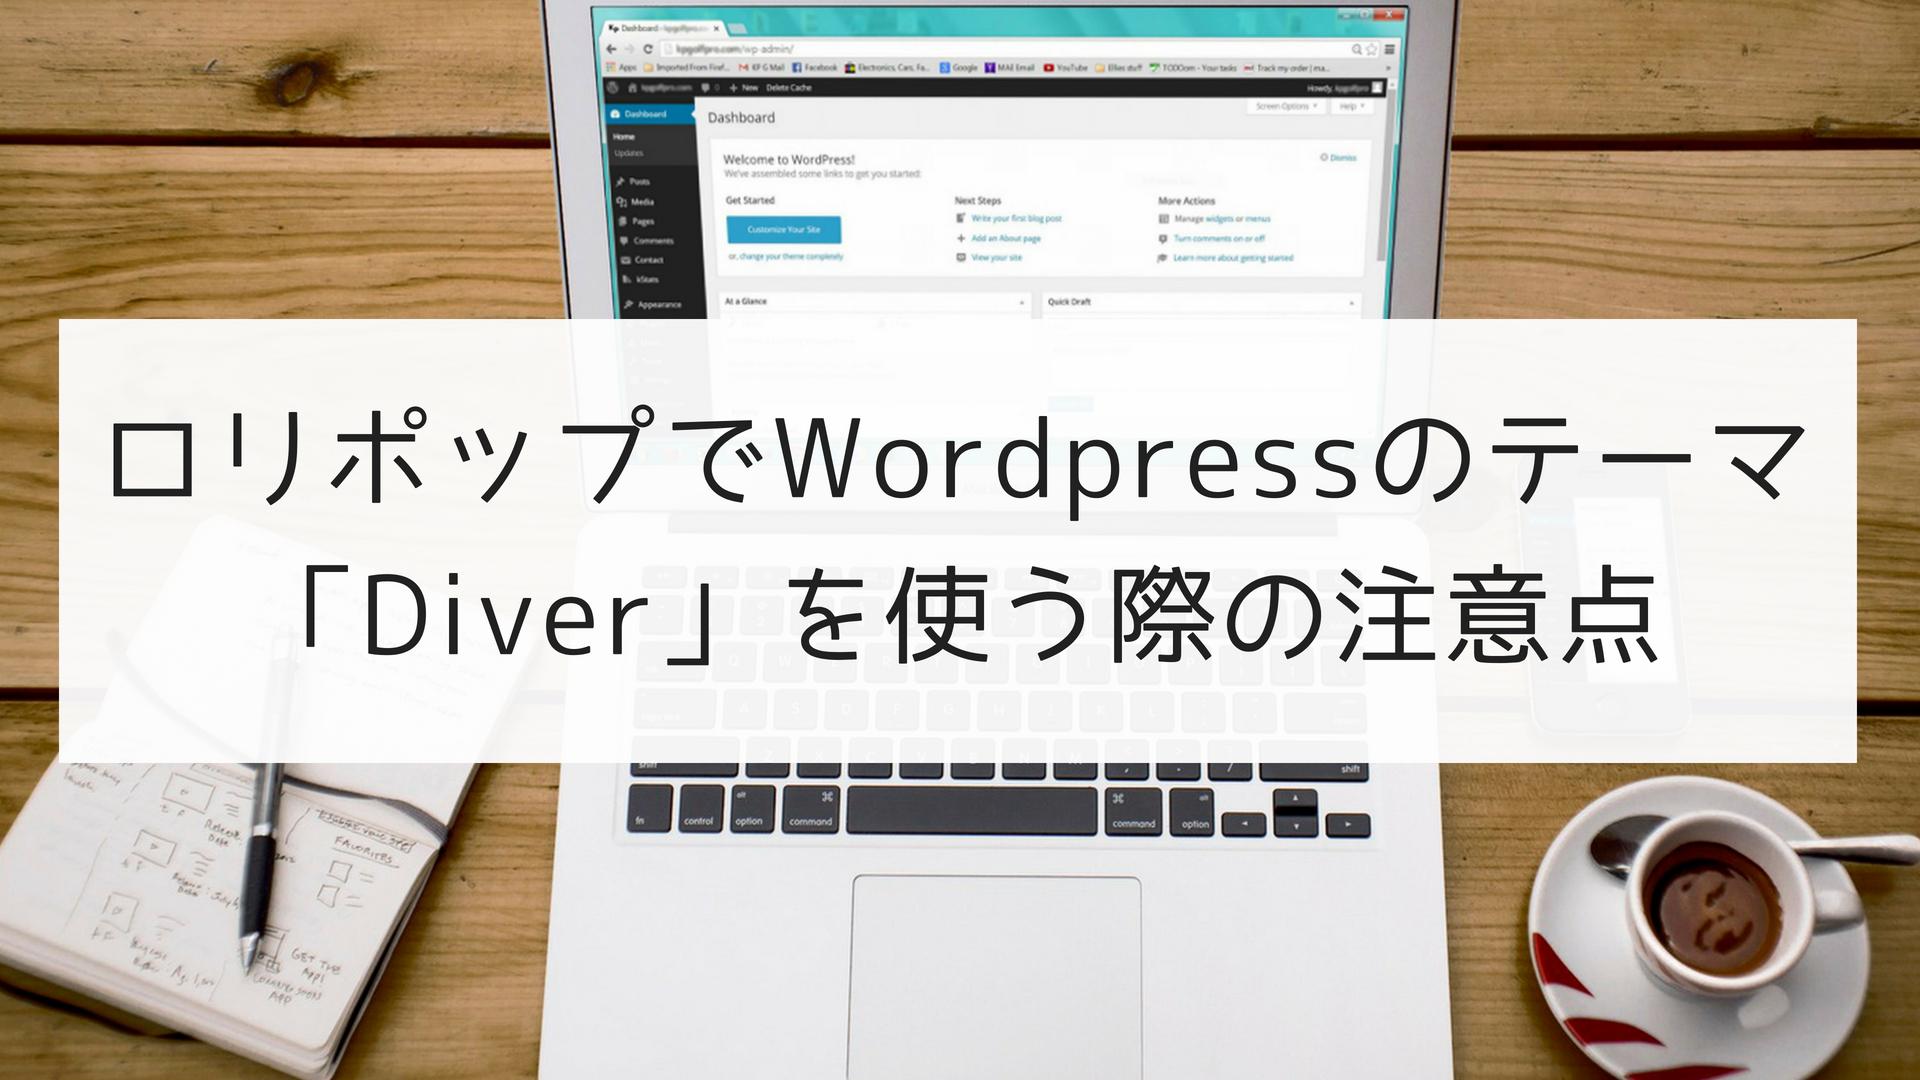 ロリポップでWordPressの人気テーマ「Diver」を使う際の注意点